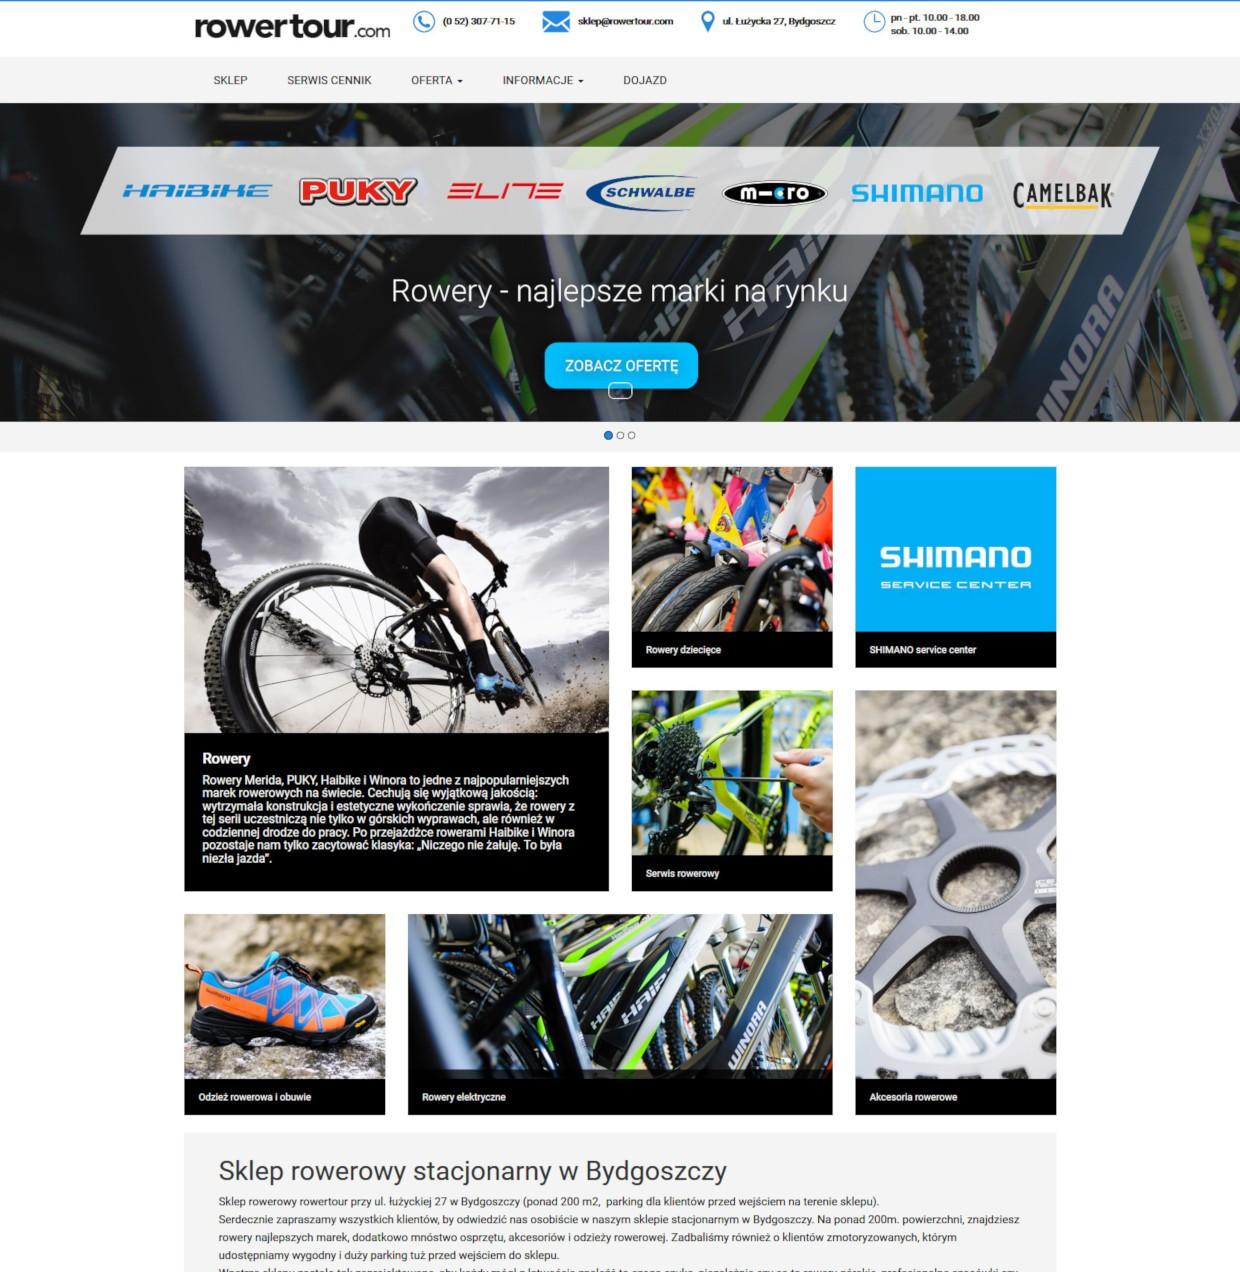 sklep rowerowy bydgoszcz, serwis rowerowy bydgoszcz, strona www